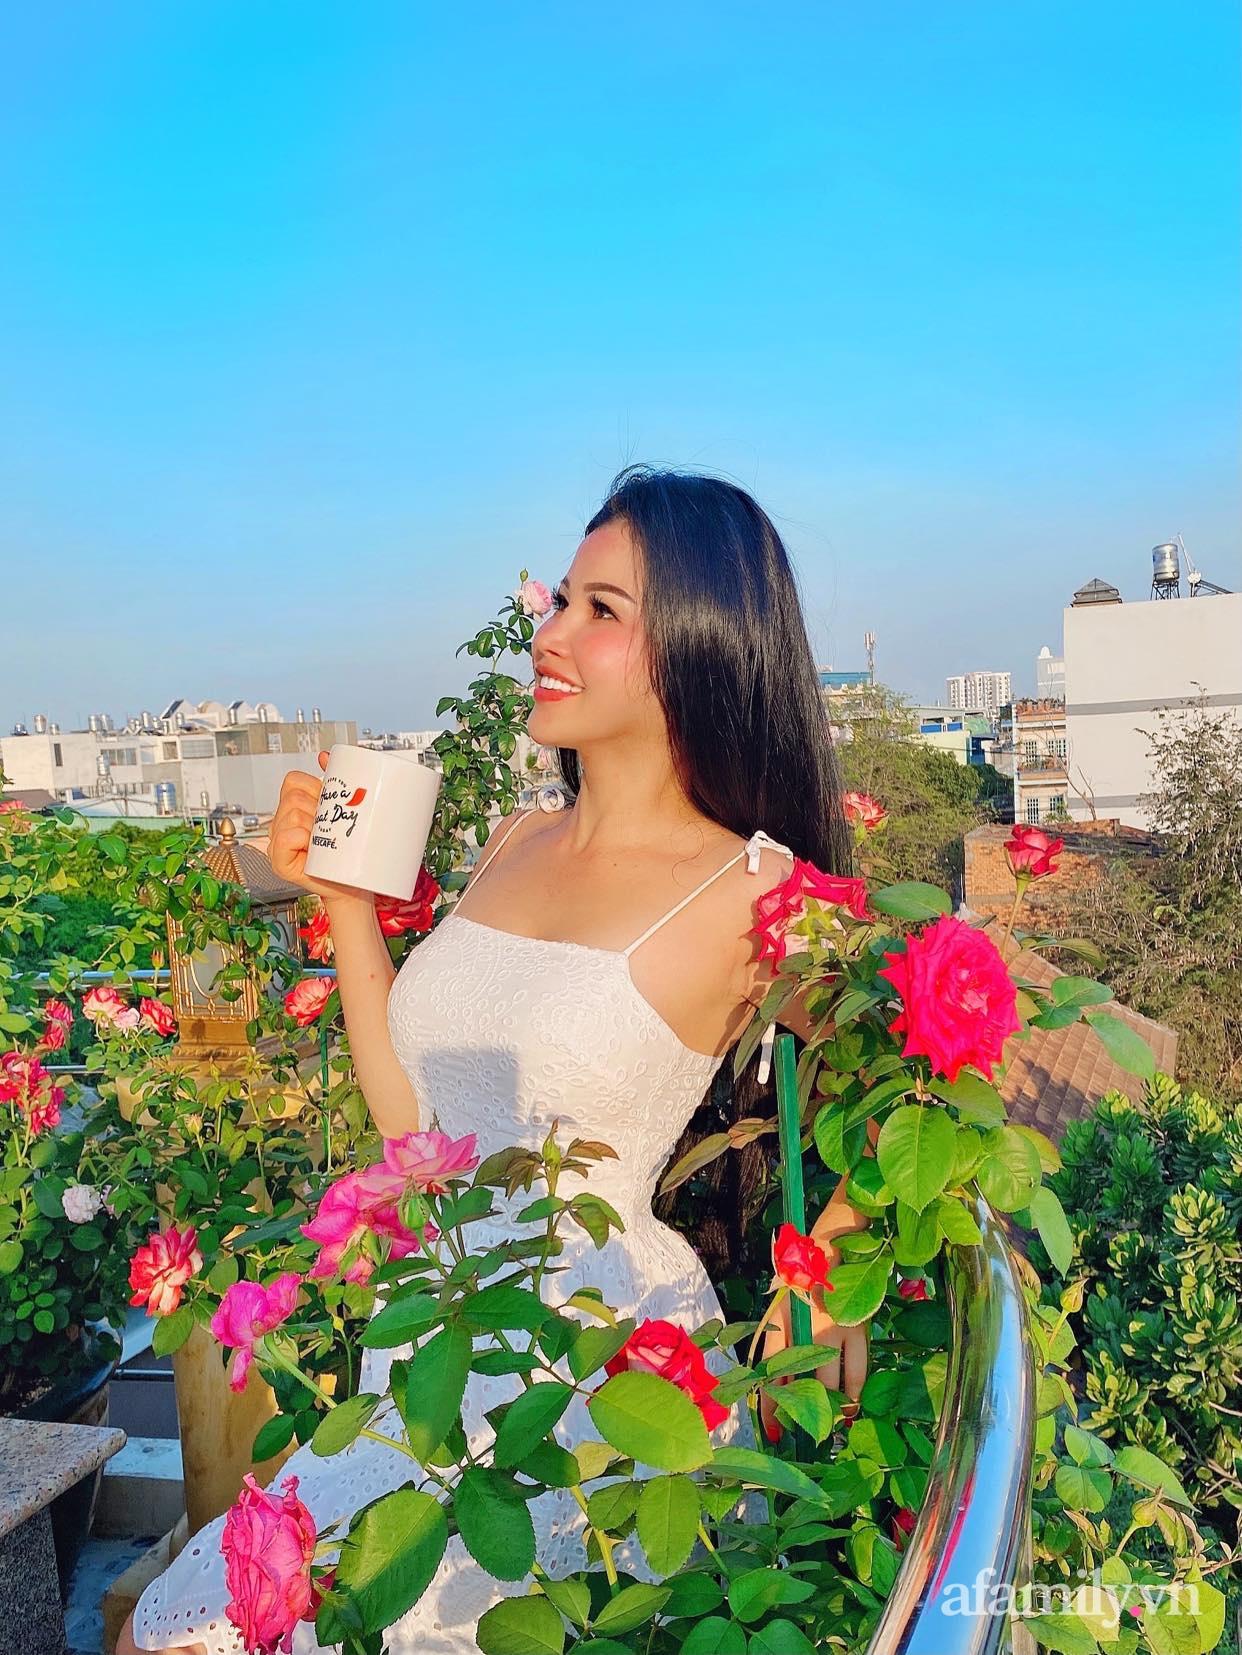 Sân thượng phủ kín hoa hồng và rau quả sạch ở Sài Gòn của Hoa hậu Janny Thủy Trần - ảnh 1